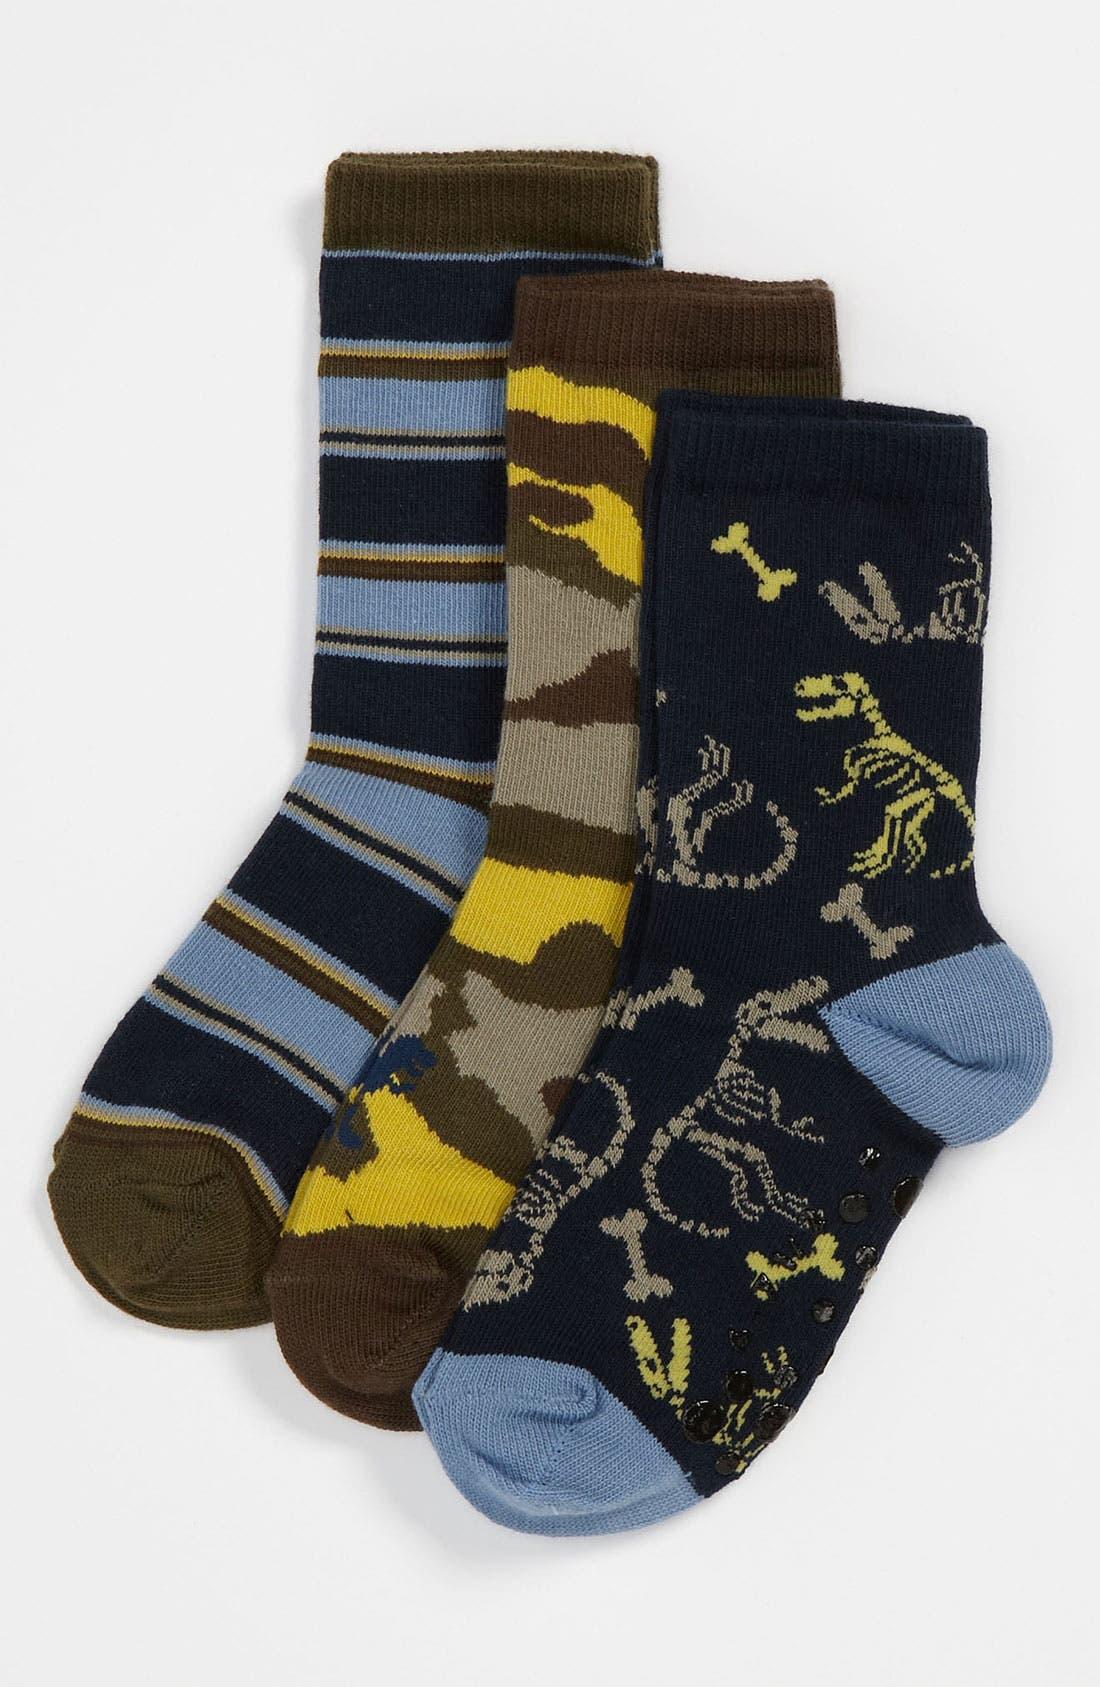 Alternate Image 1 Selected - Nordstrom 'Fossil' Crew Socks (3-Pack) (Walker, Toddler & Little Kid)